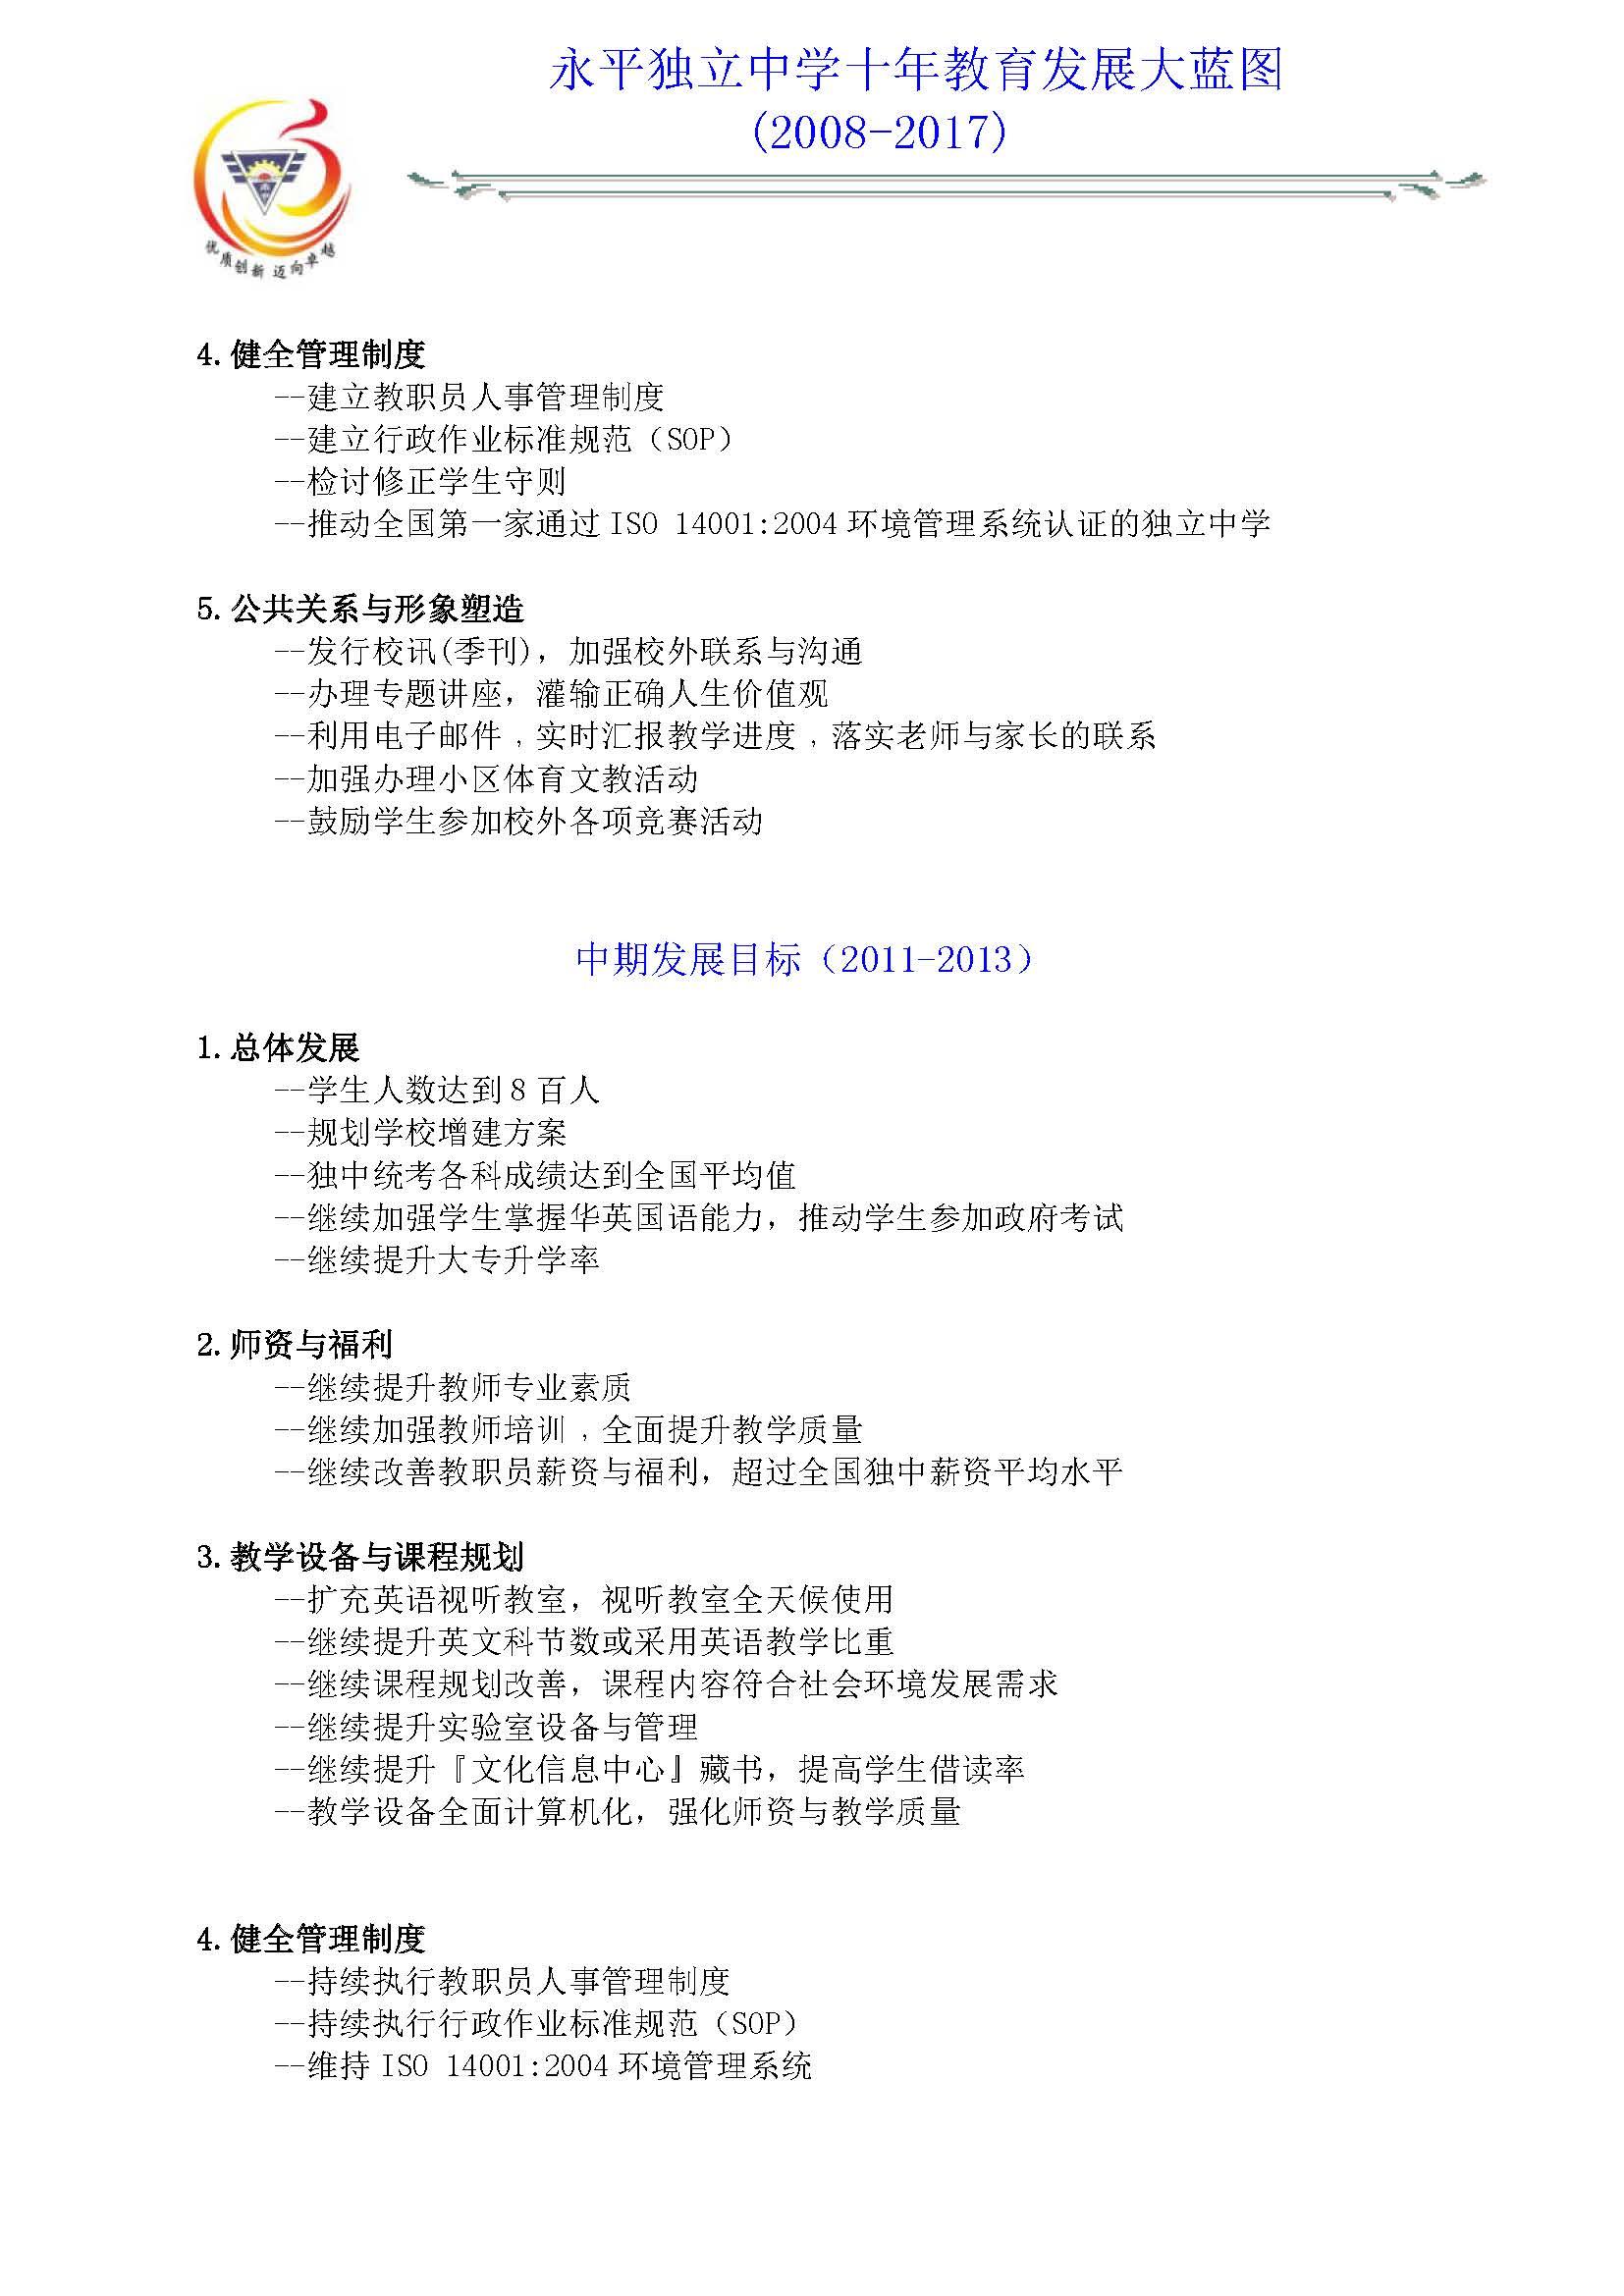 永平独立中学十年大蓝图-ok_Page_4